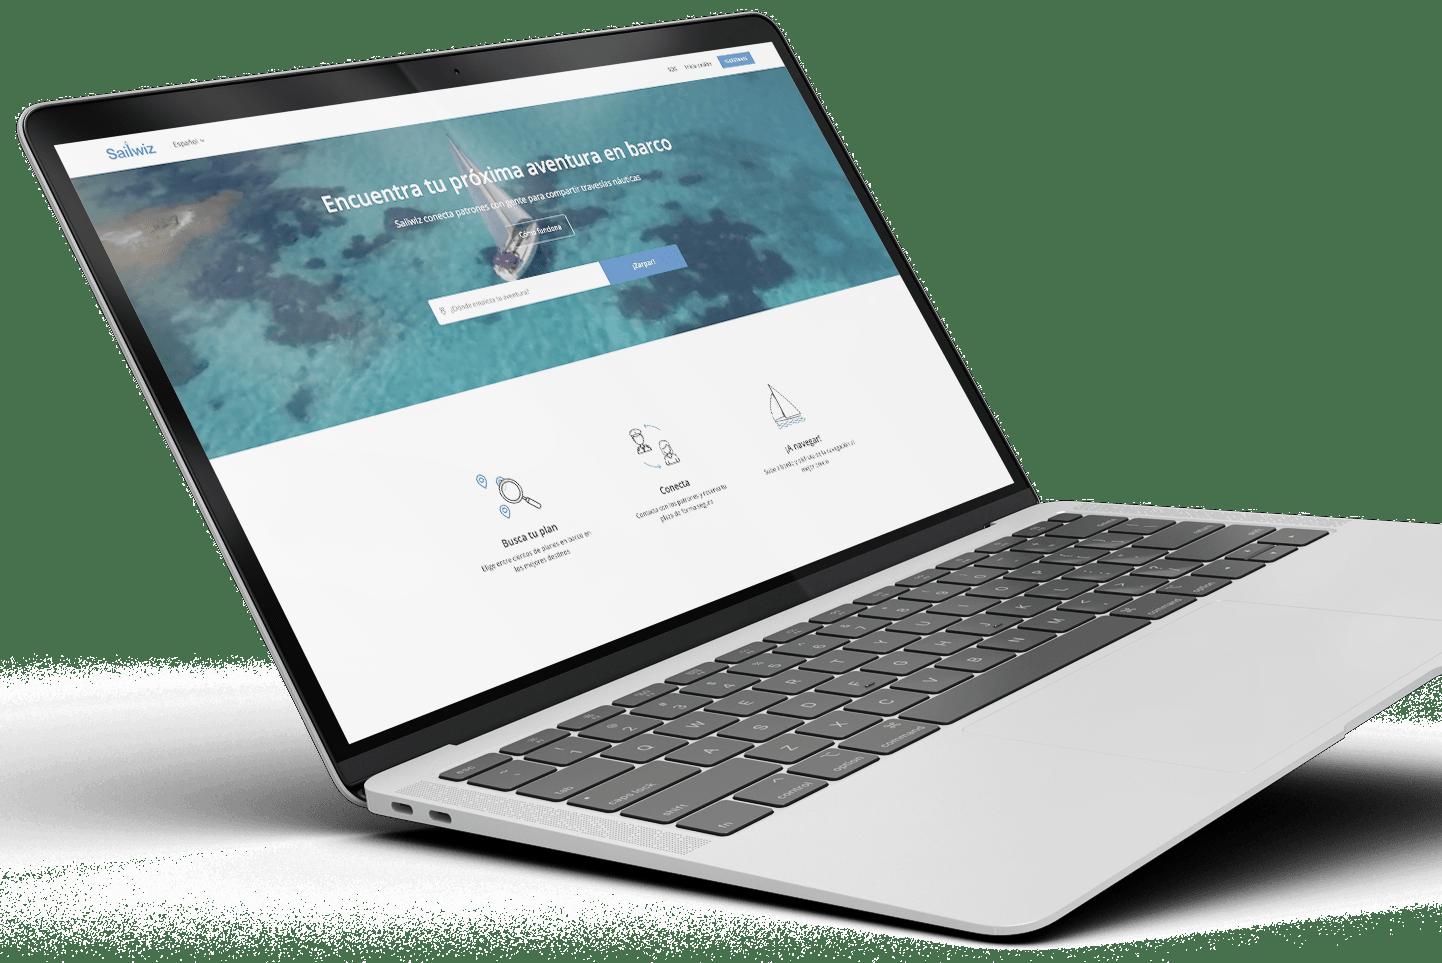 sailwiz desktop1